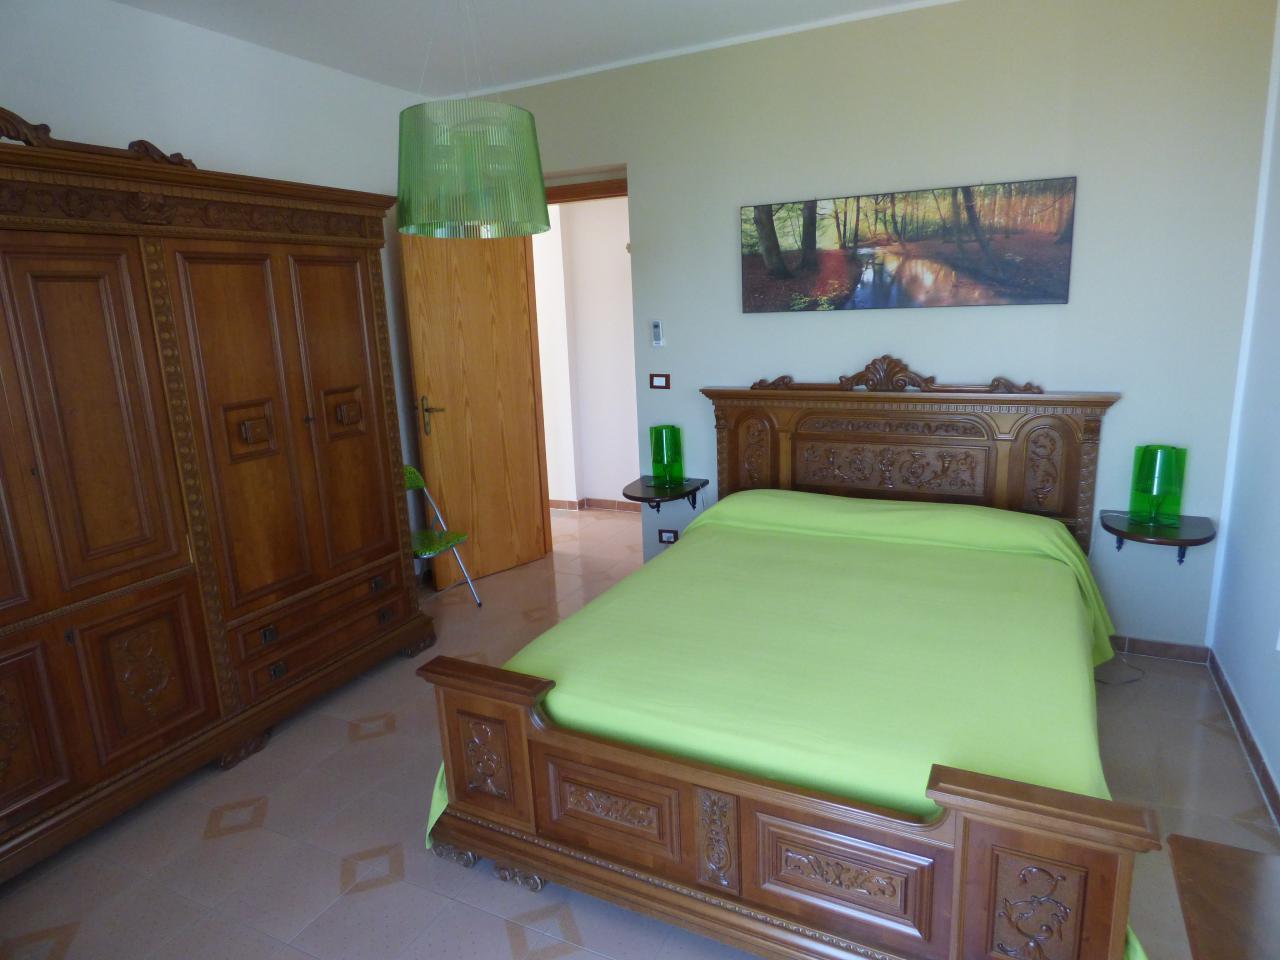 Ferienhaus Villa Maria ein schönes Landhaus in einer ruhigen und sonnige lage mit Blick auf den Eolie (482652), Patti, Messina, Sizilien, Italien, Bild 19